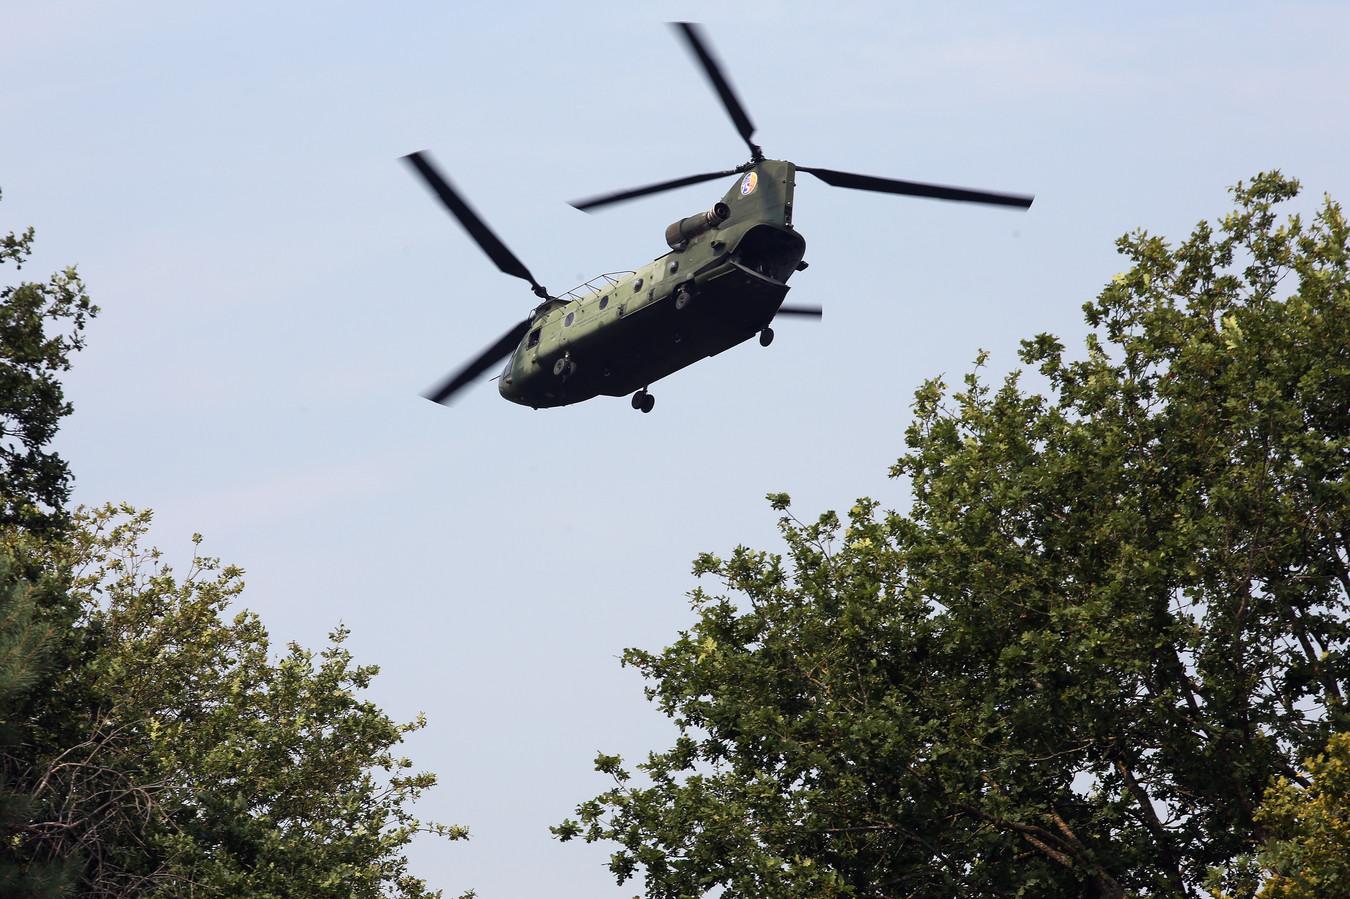 Een Chinookhelikopter zoals die regelmatig vliegt vanaf Gilze-Rijen. Door de dubbele rotor ervaart de omgeving regelmatig geluidsoverlast.